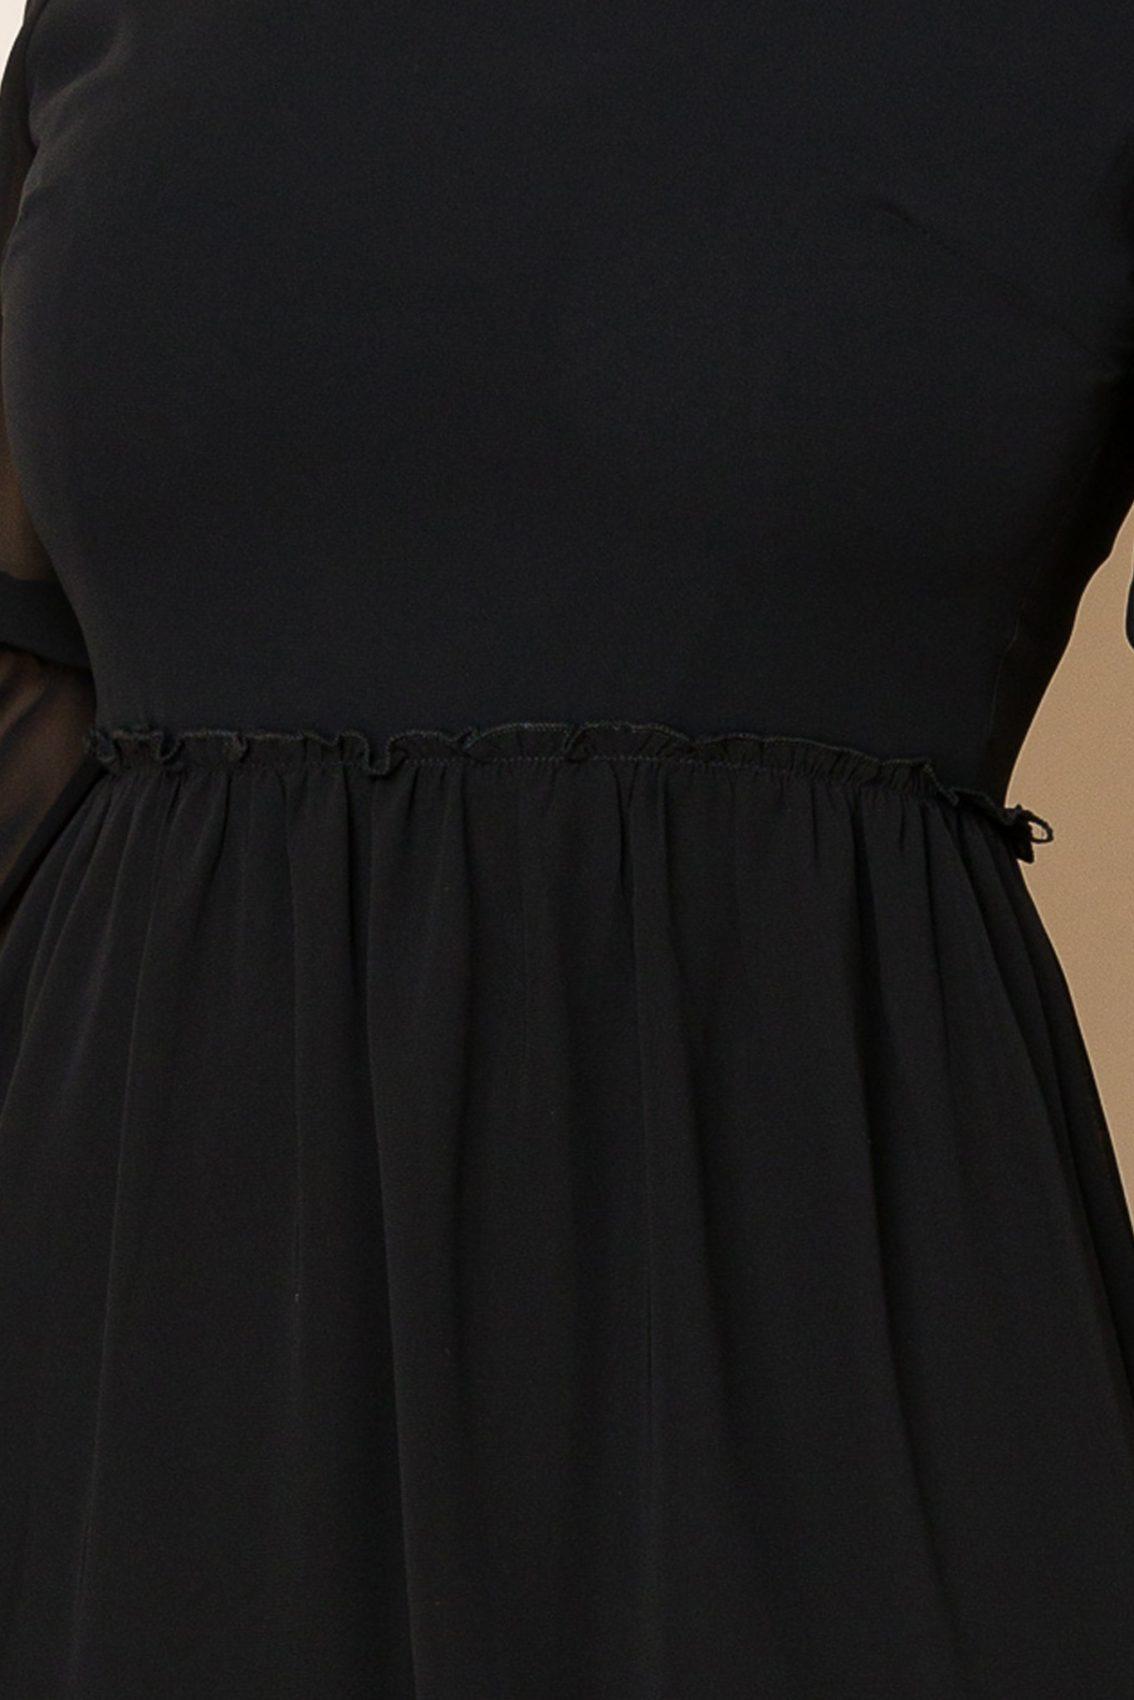 Μαύρο Μίνι Φόρεμα Hermina 9936 3